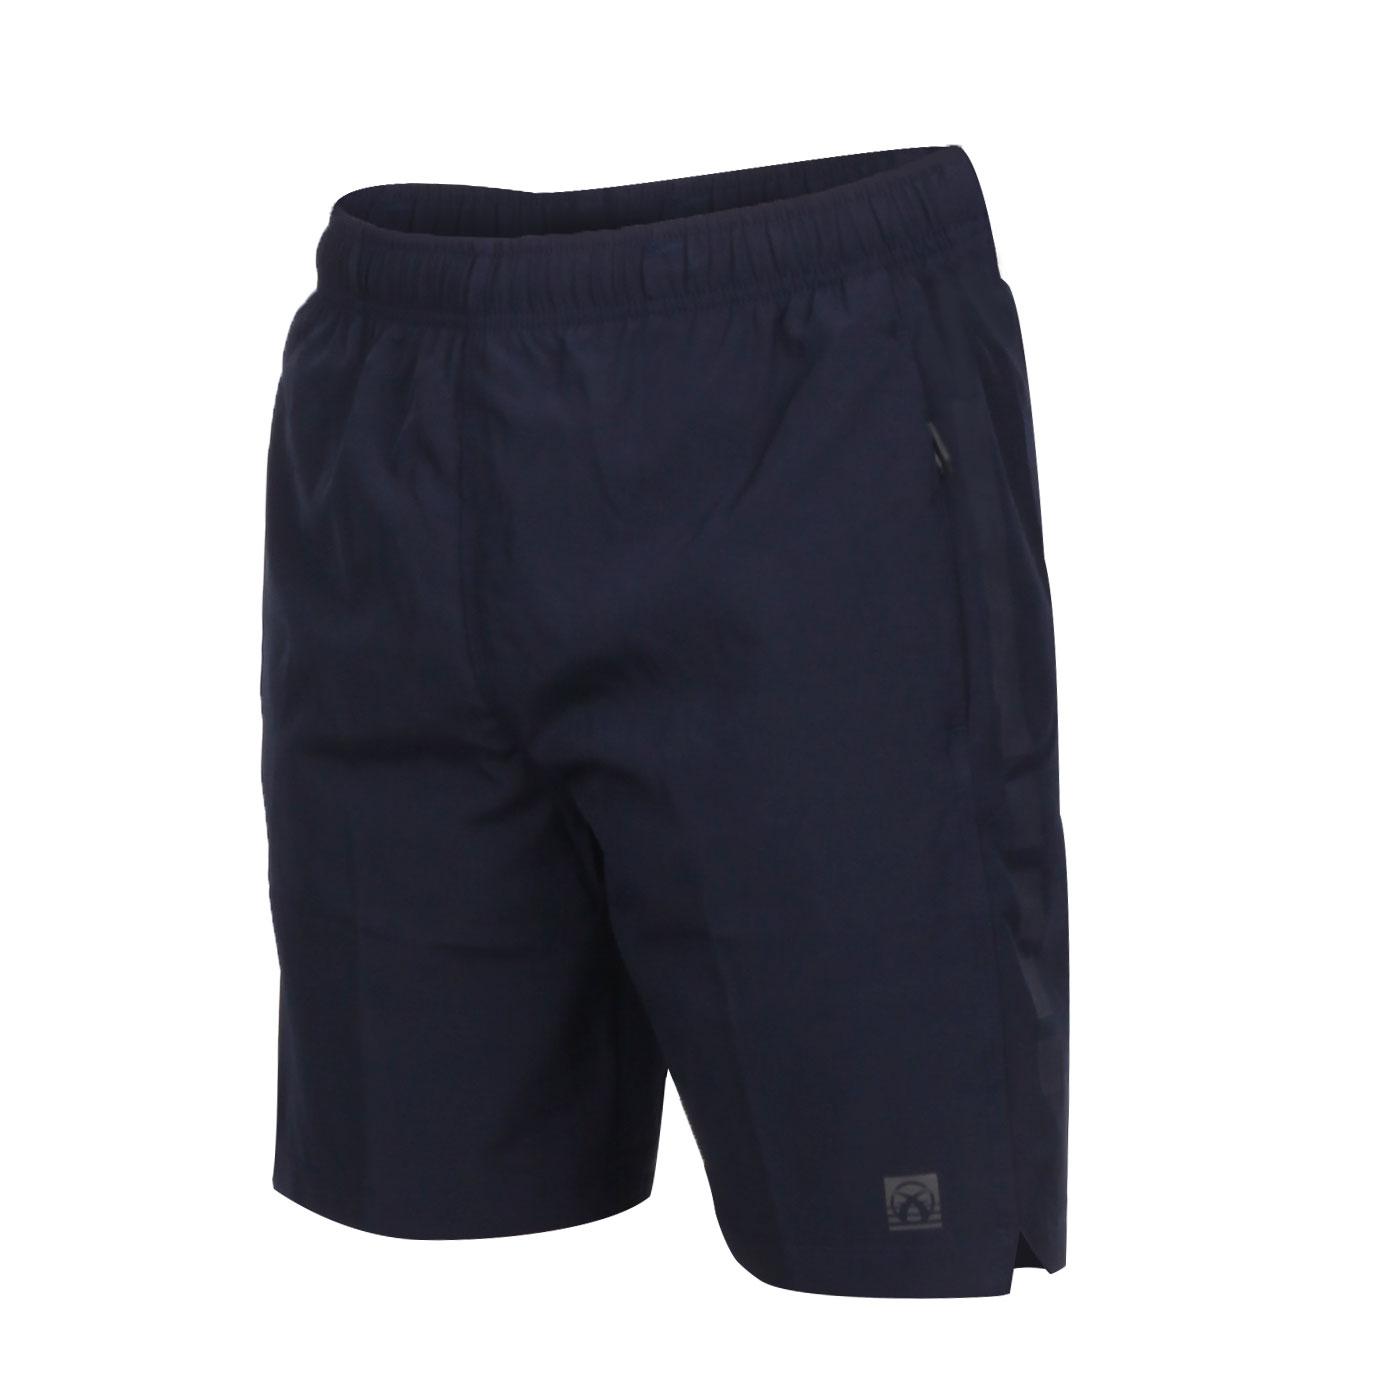 FIRESTAR 男款彈性平織短褲 C0515-10 - 丈青灰